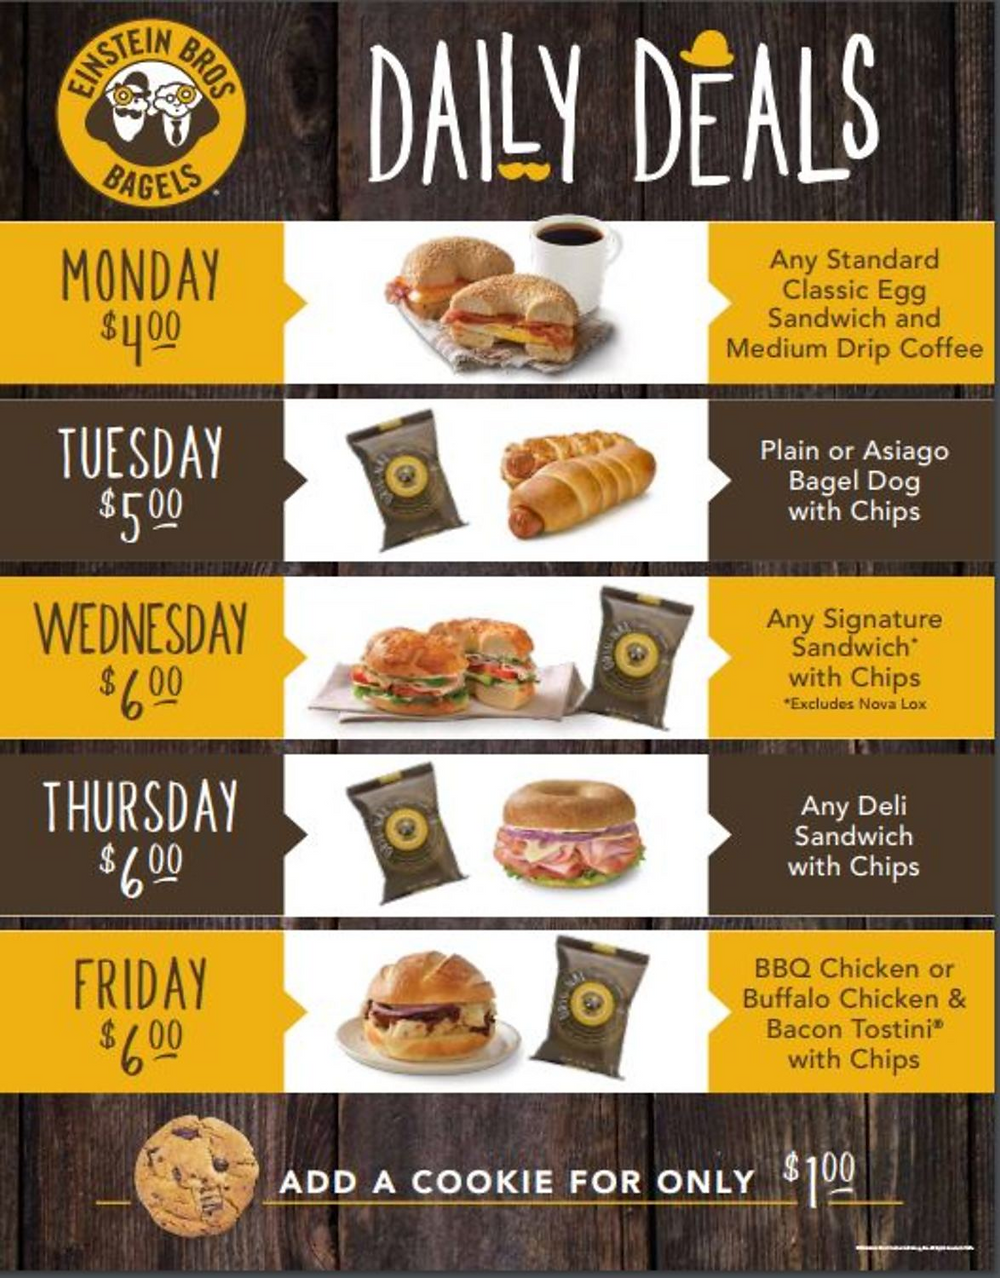 Einstein's daily deals Monday through Friday.